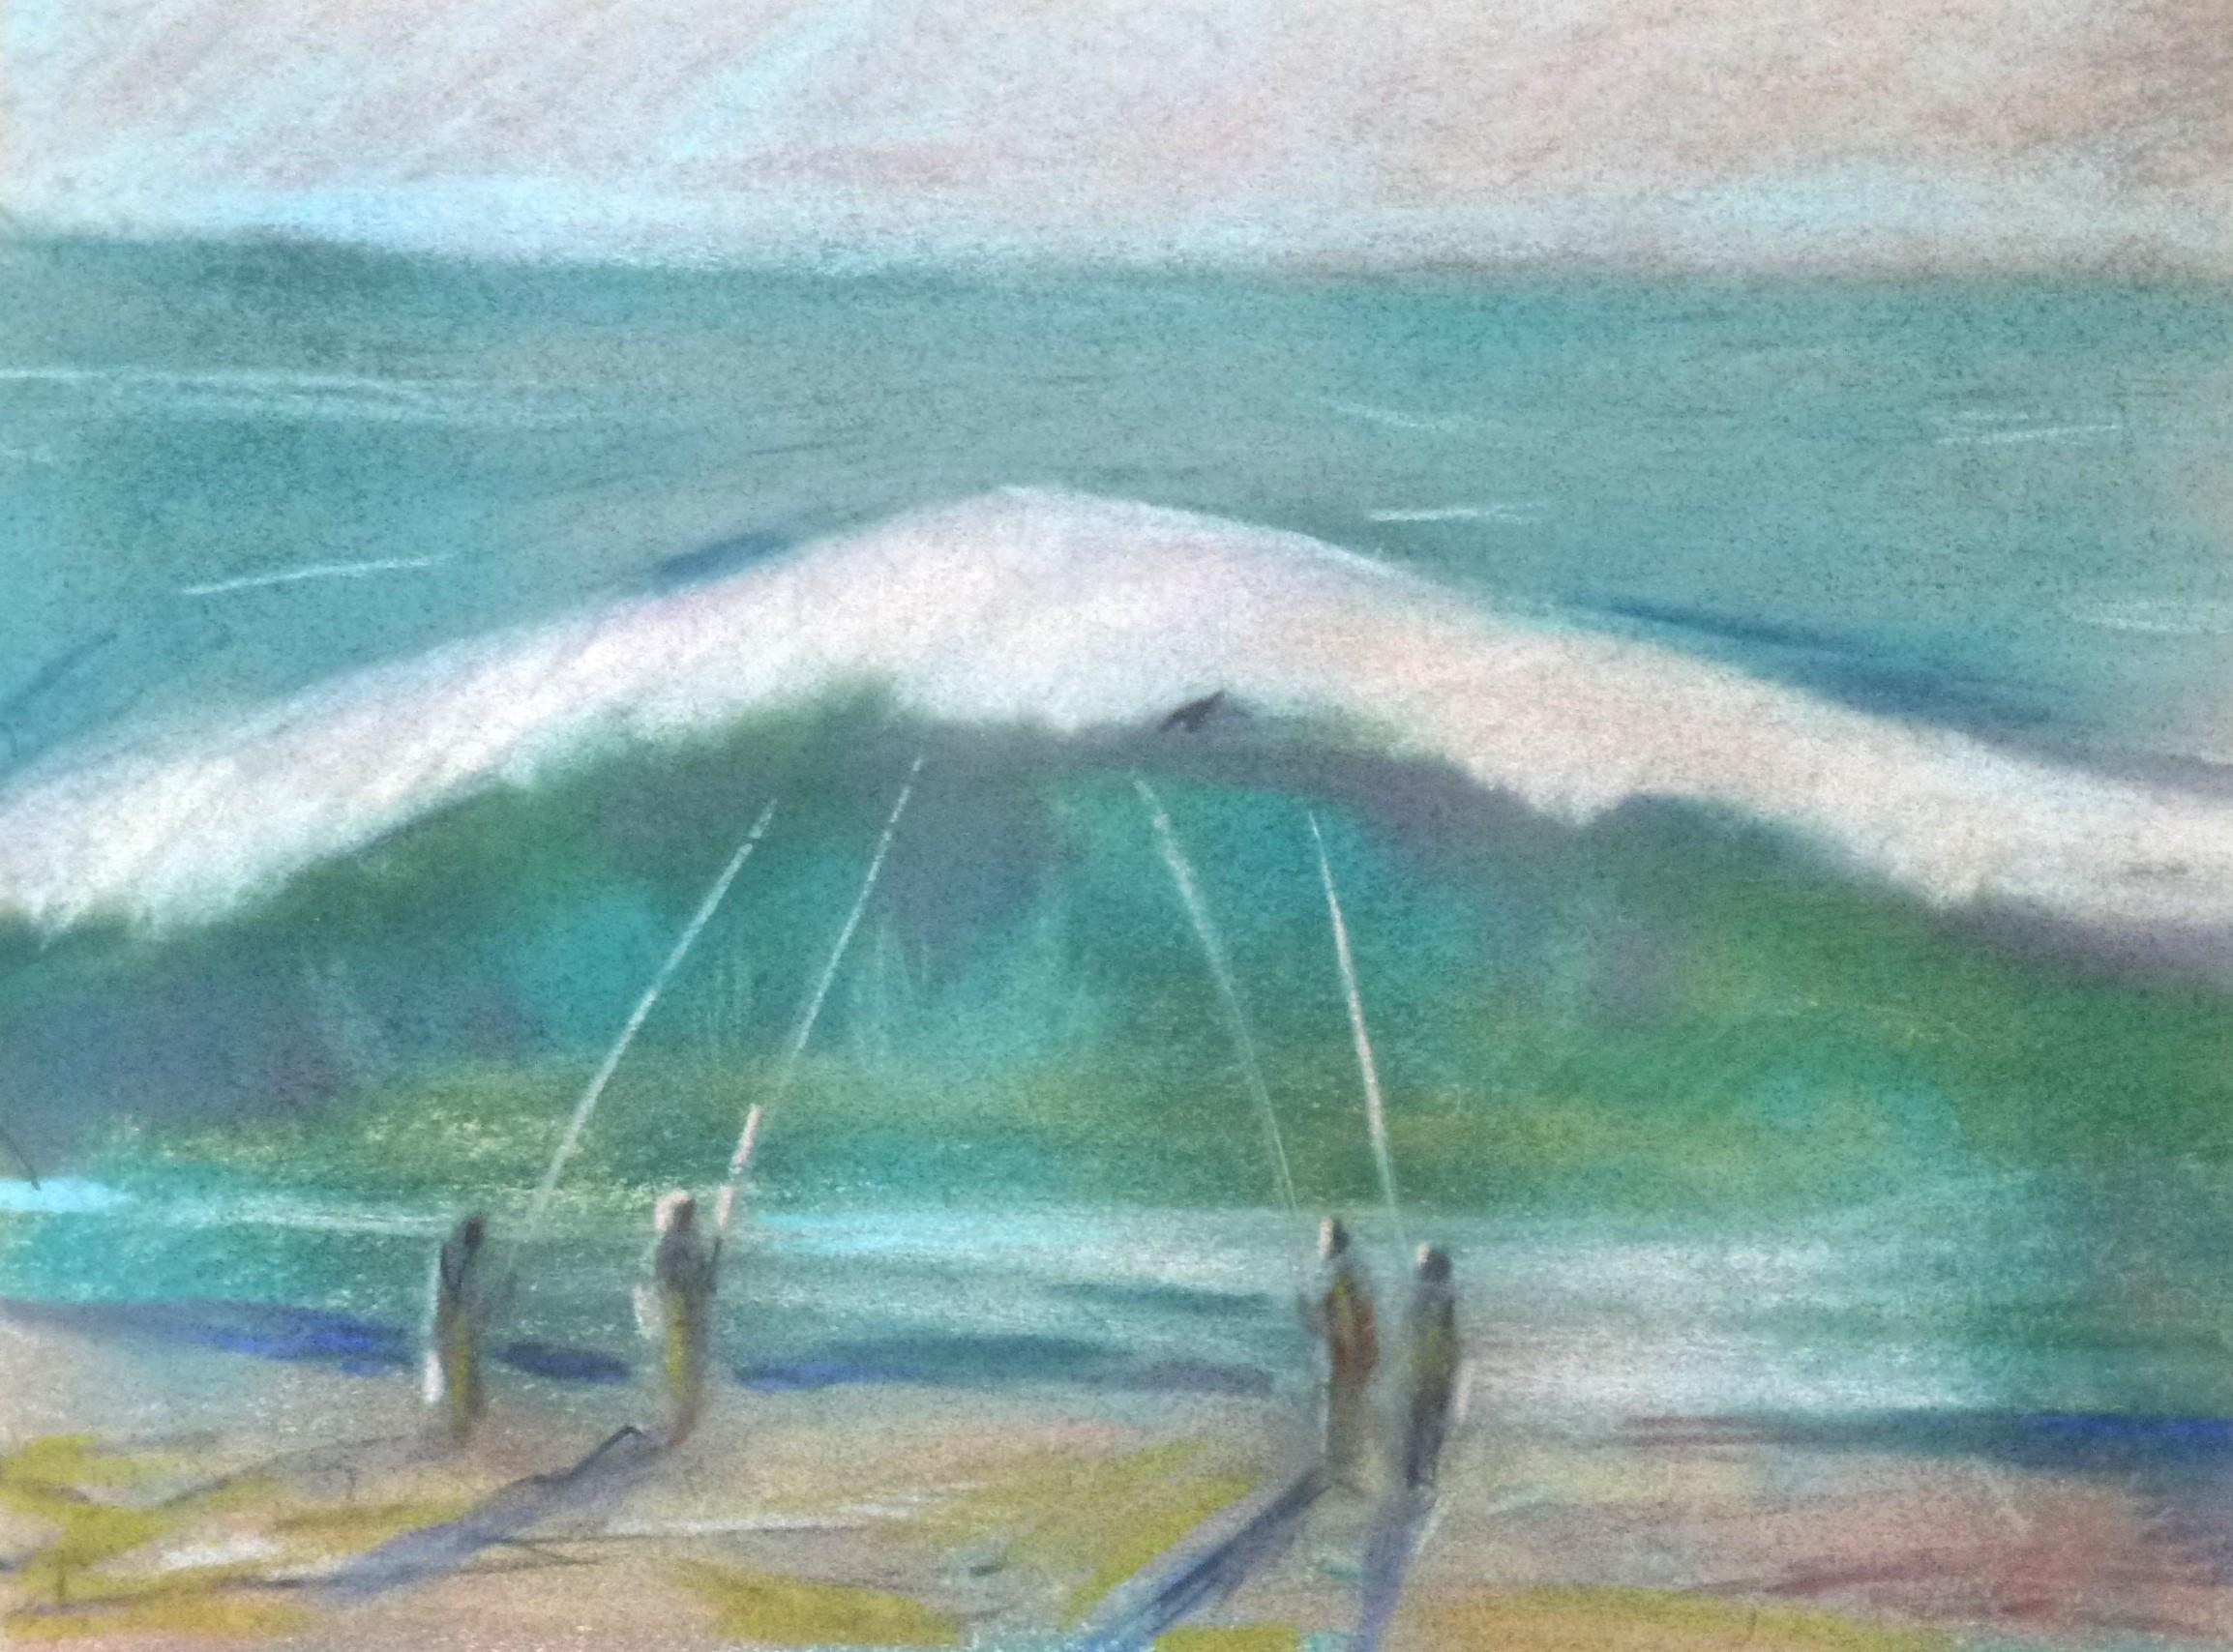 Angler an der Sceletoncoast – Januar 78